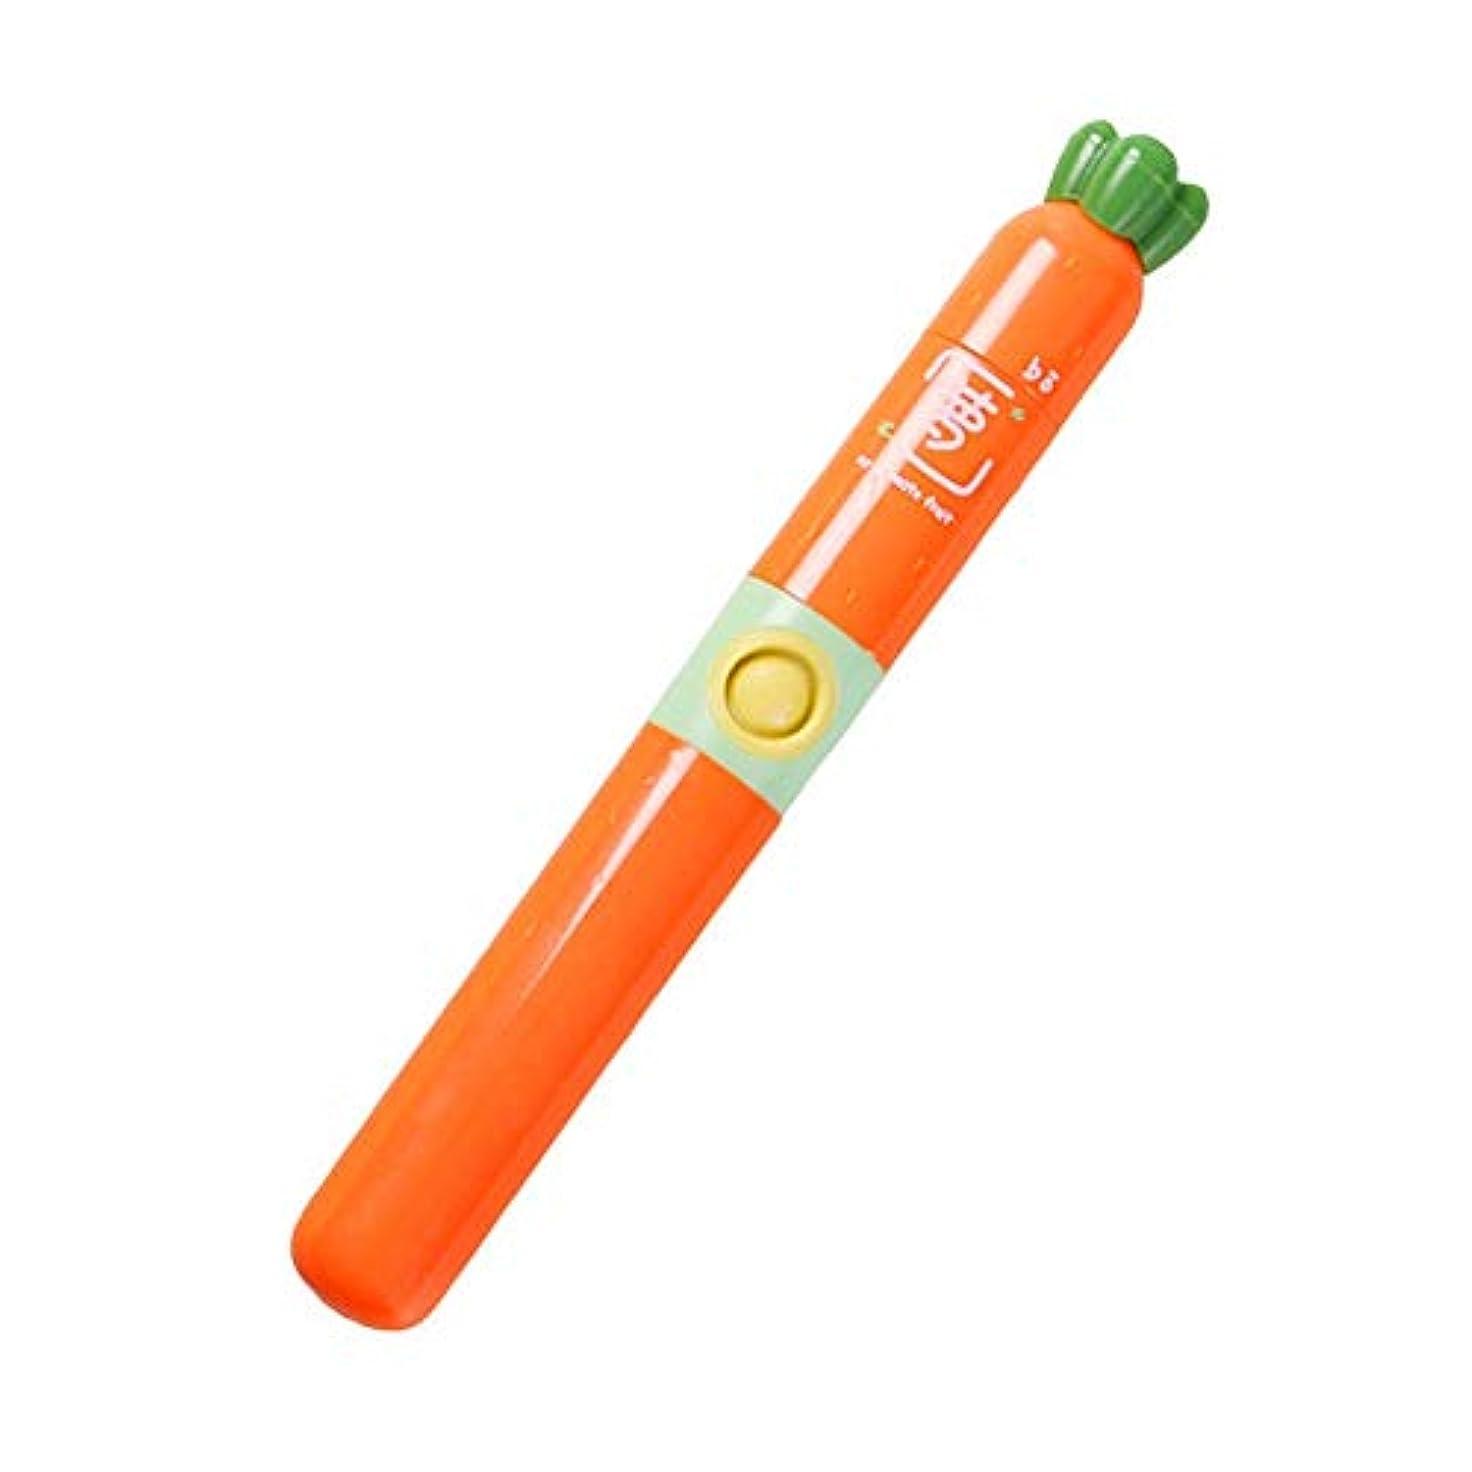 創造取る四家庭用電動歯ブラシ 歯ブラシを白くする子供の電動歯ブラシ防水柔らかい毛 男性用女性子供大人 (色 : オレンジ, サイズ : Free size)